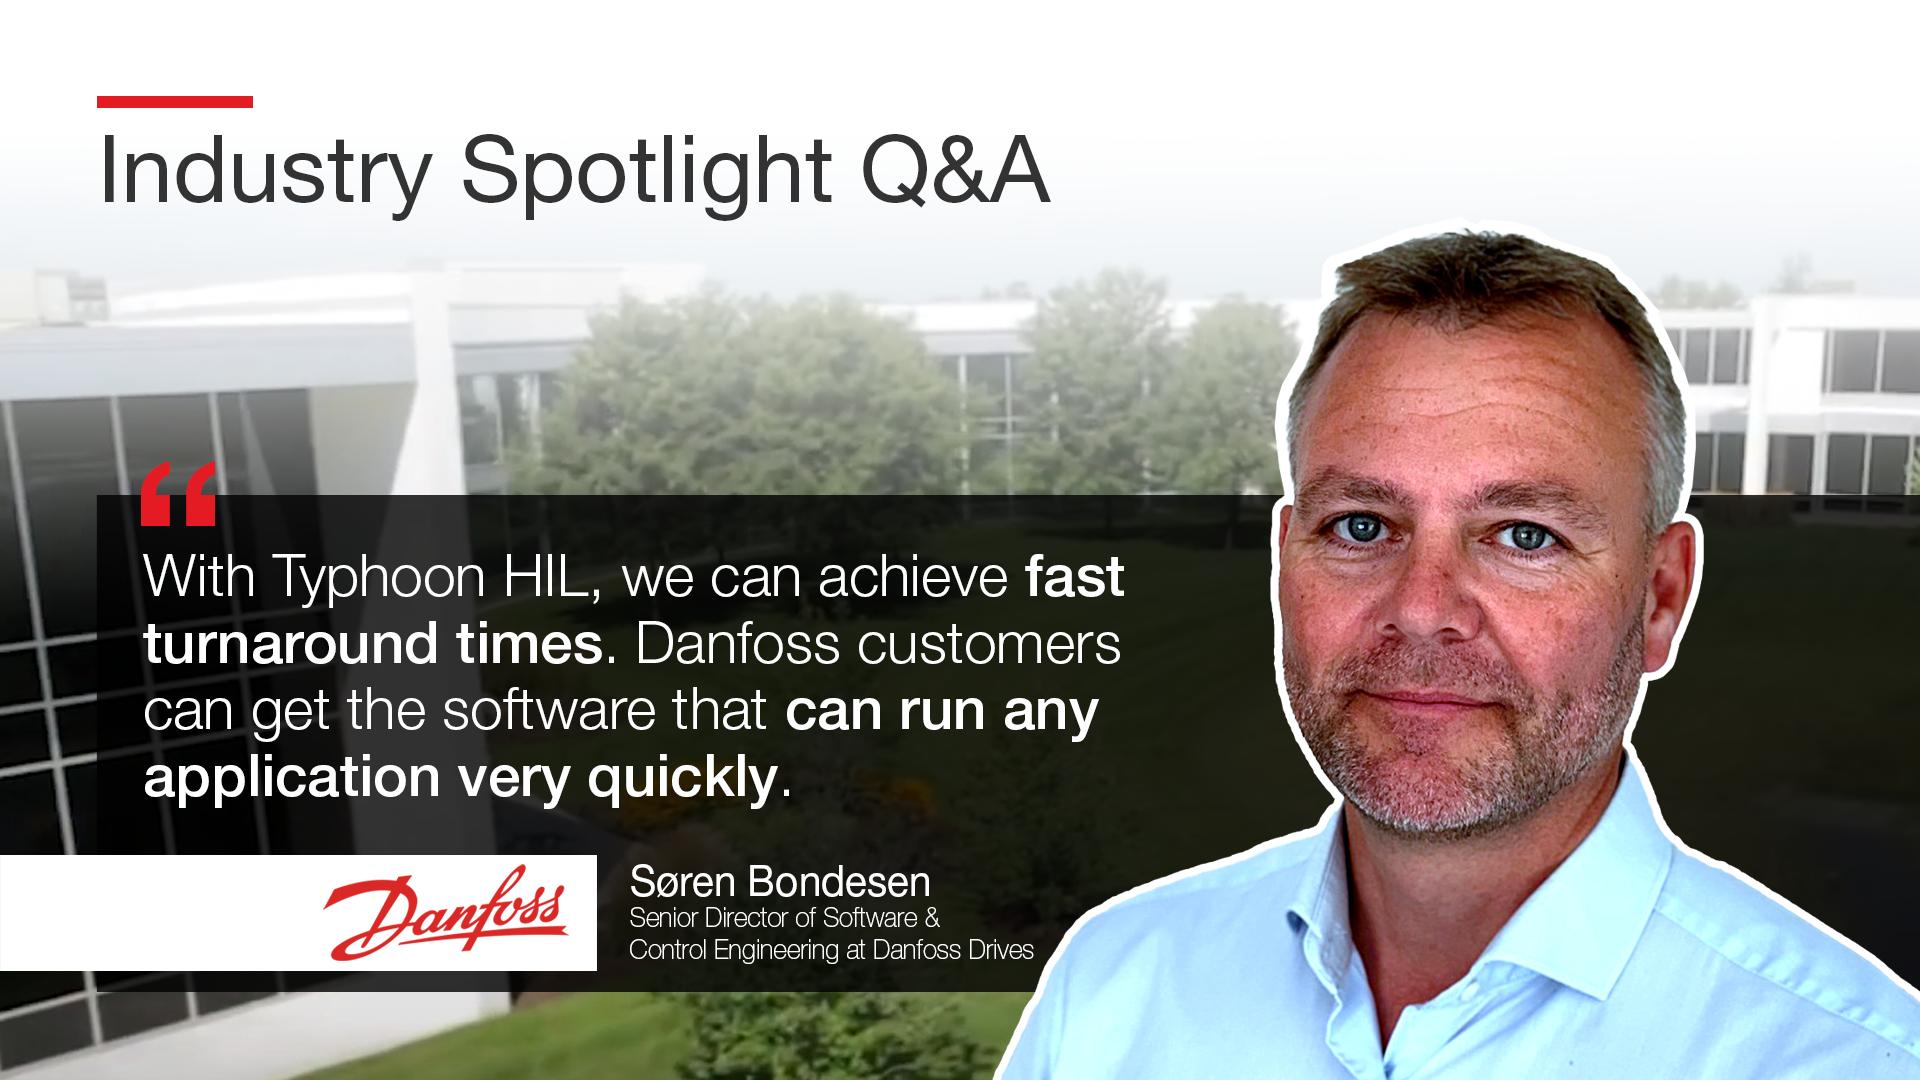 Spotlight Q&A HEROIMAGE - Soren Danfoss